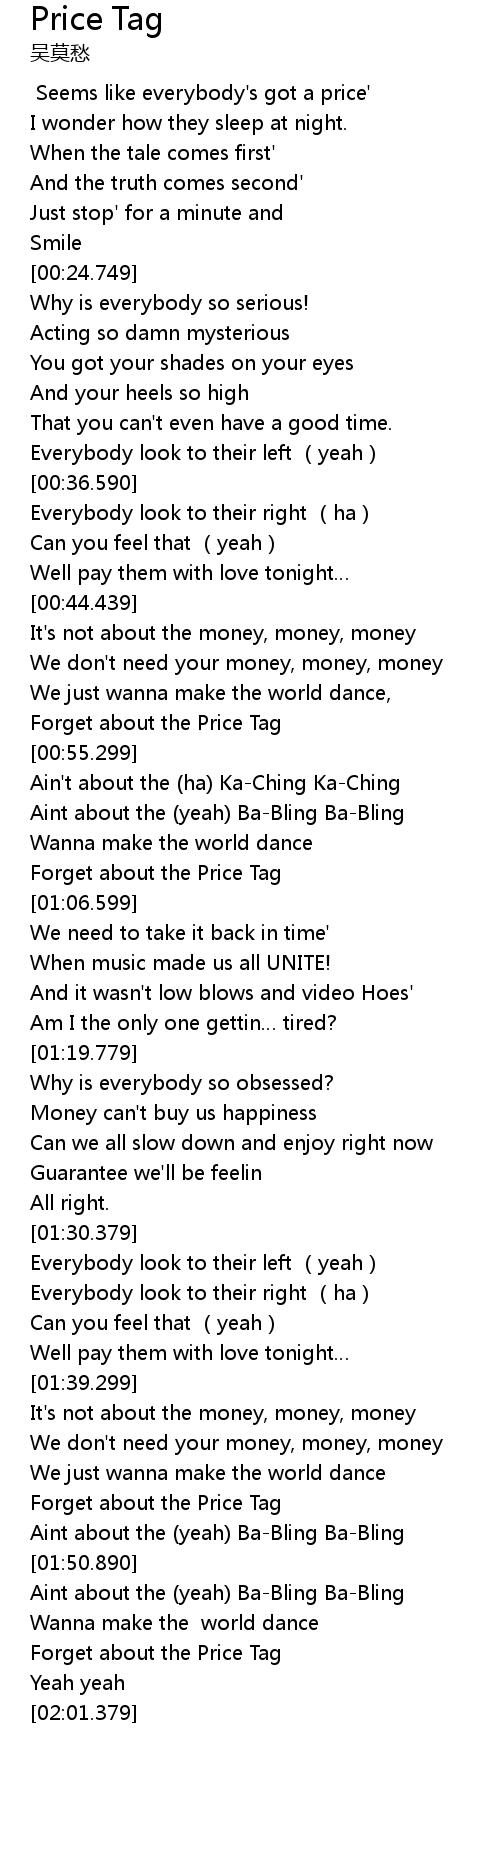 Price Tag Lyrics Follow Lyrics